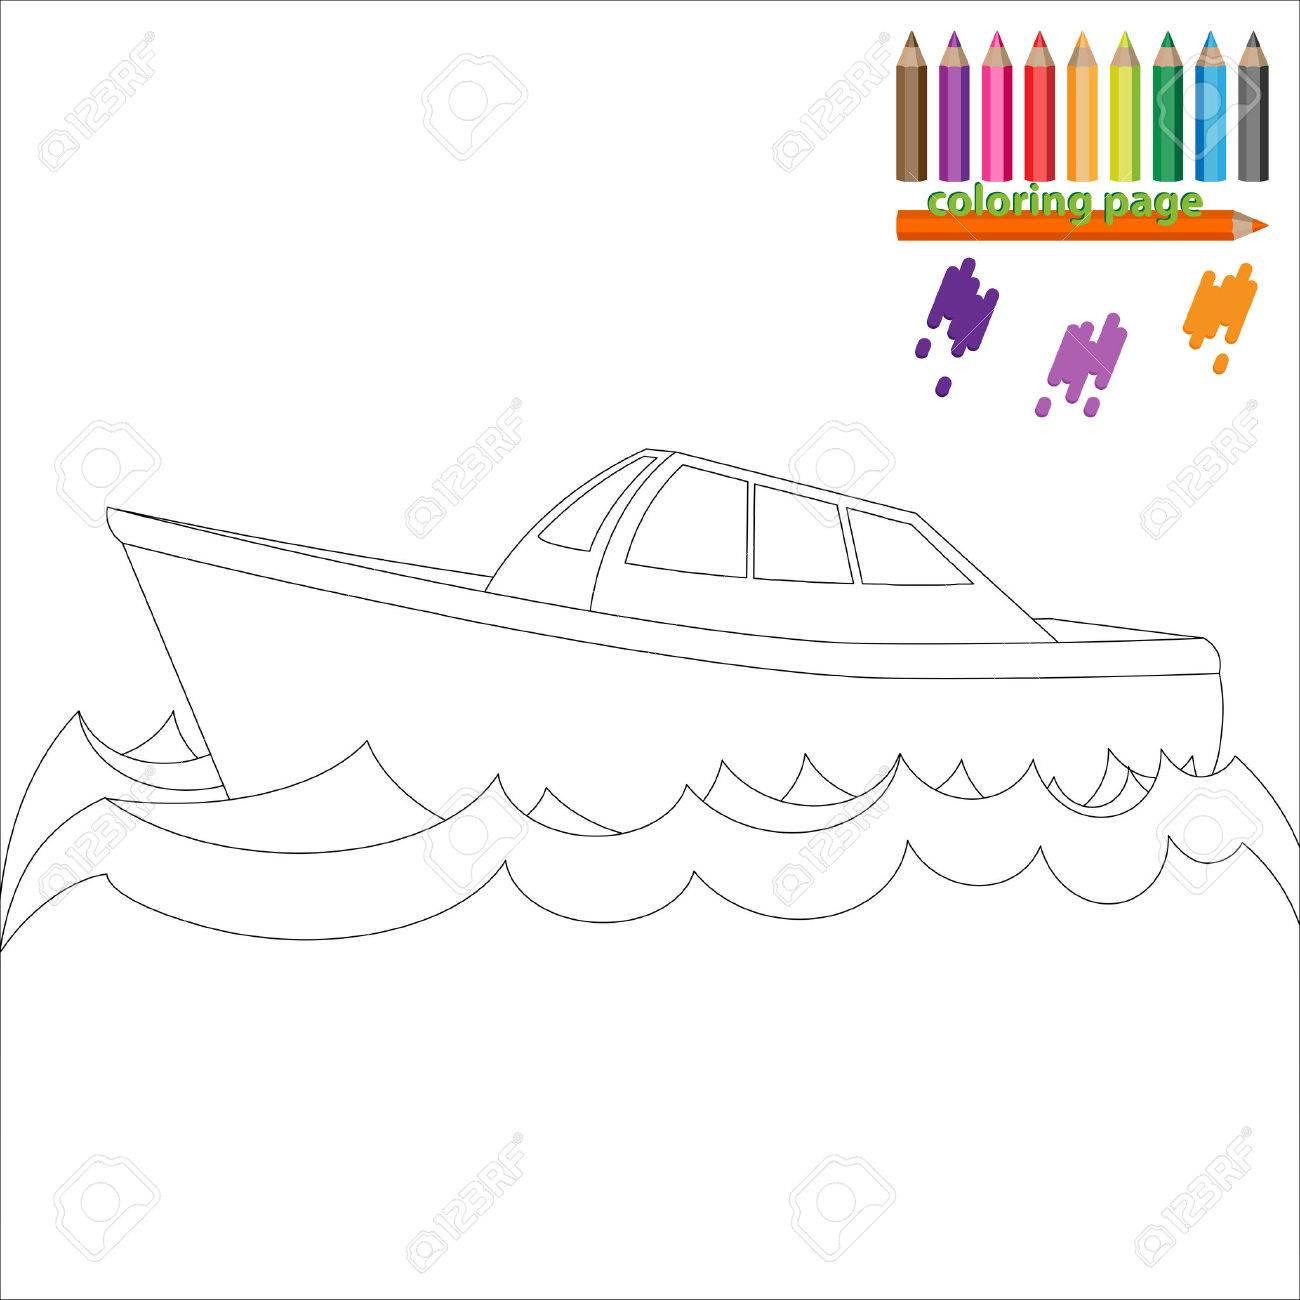 Malvorlage Mit Meer Schiff Boot Malen Fur Kinder Lizenzfrei